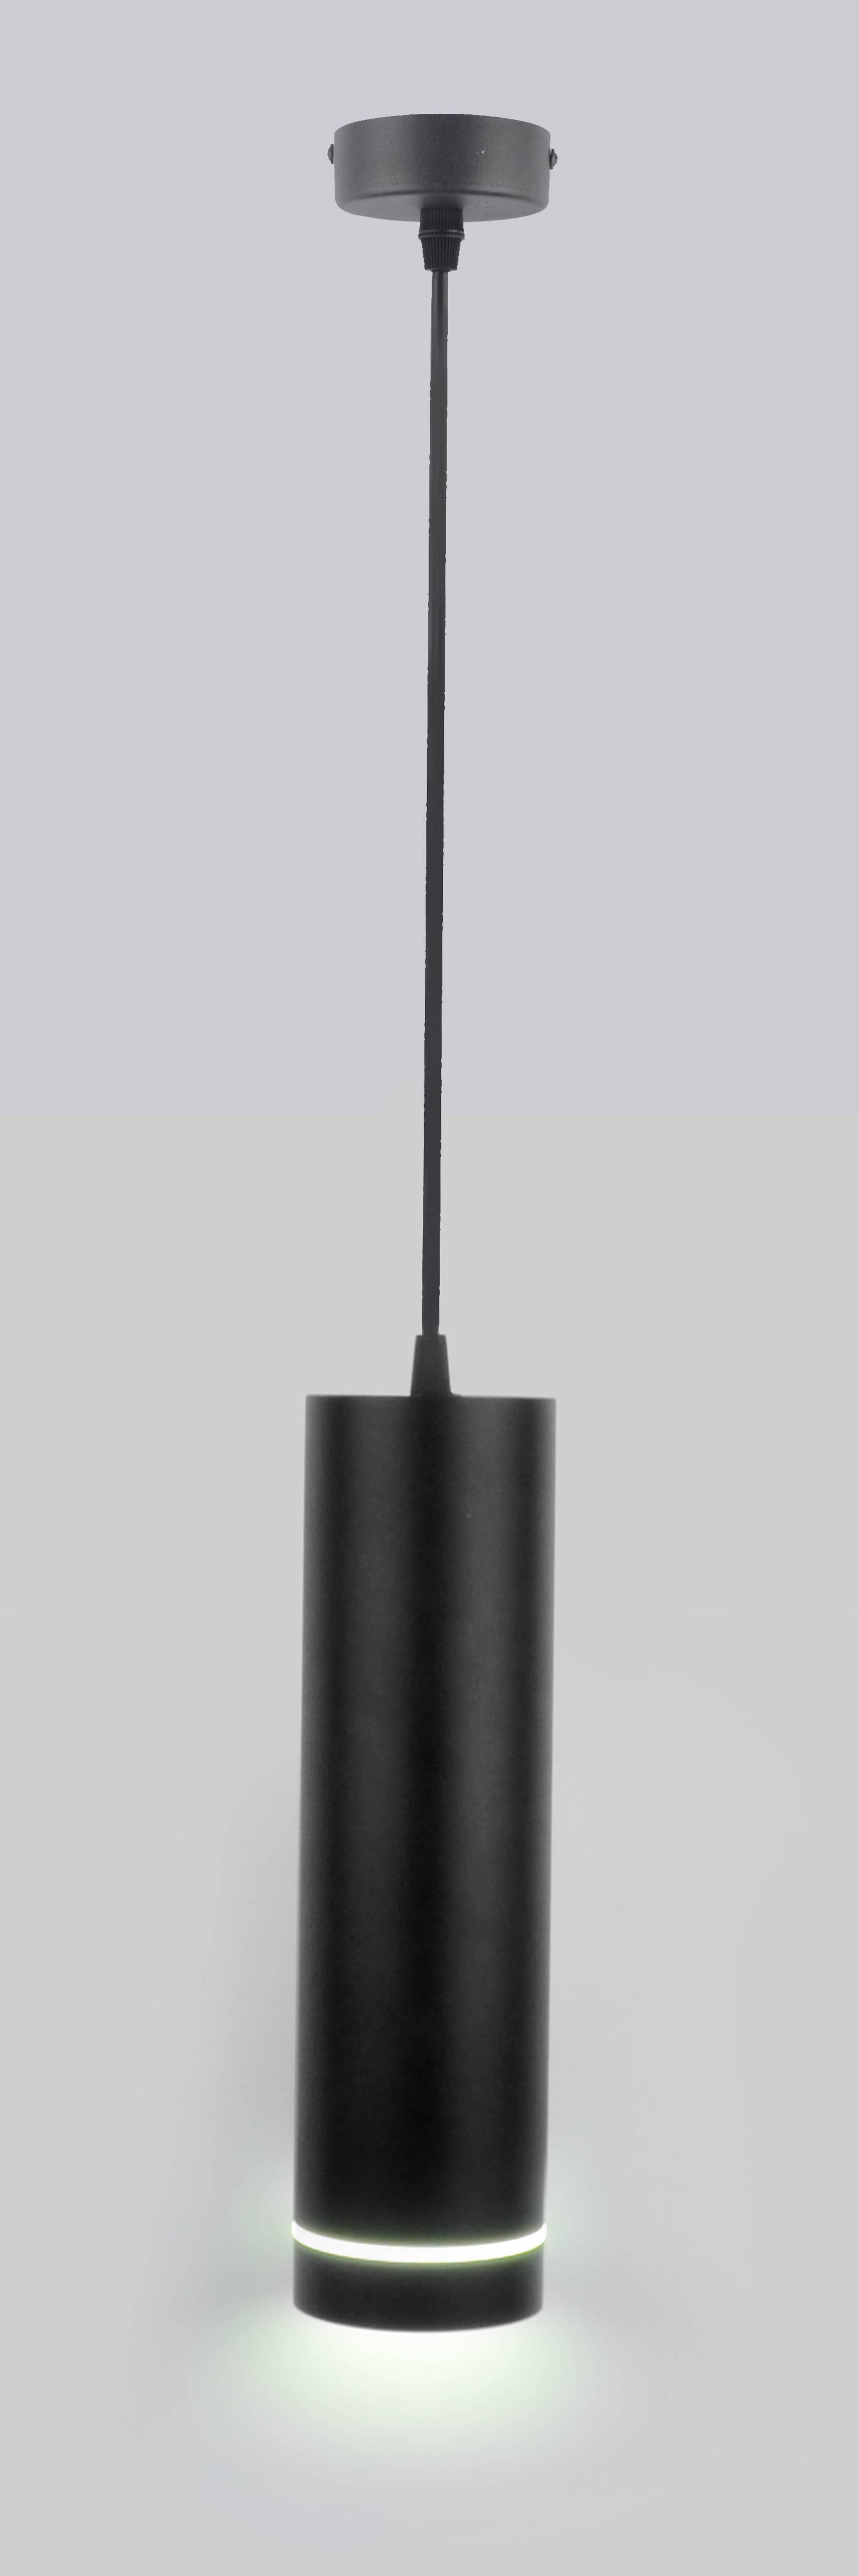 HM160S12-290 SBK